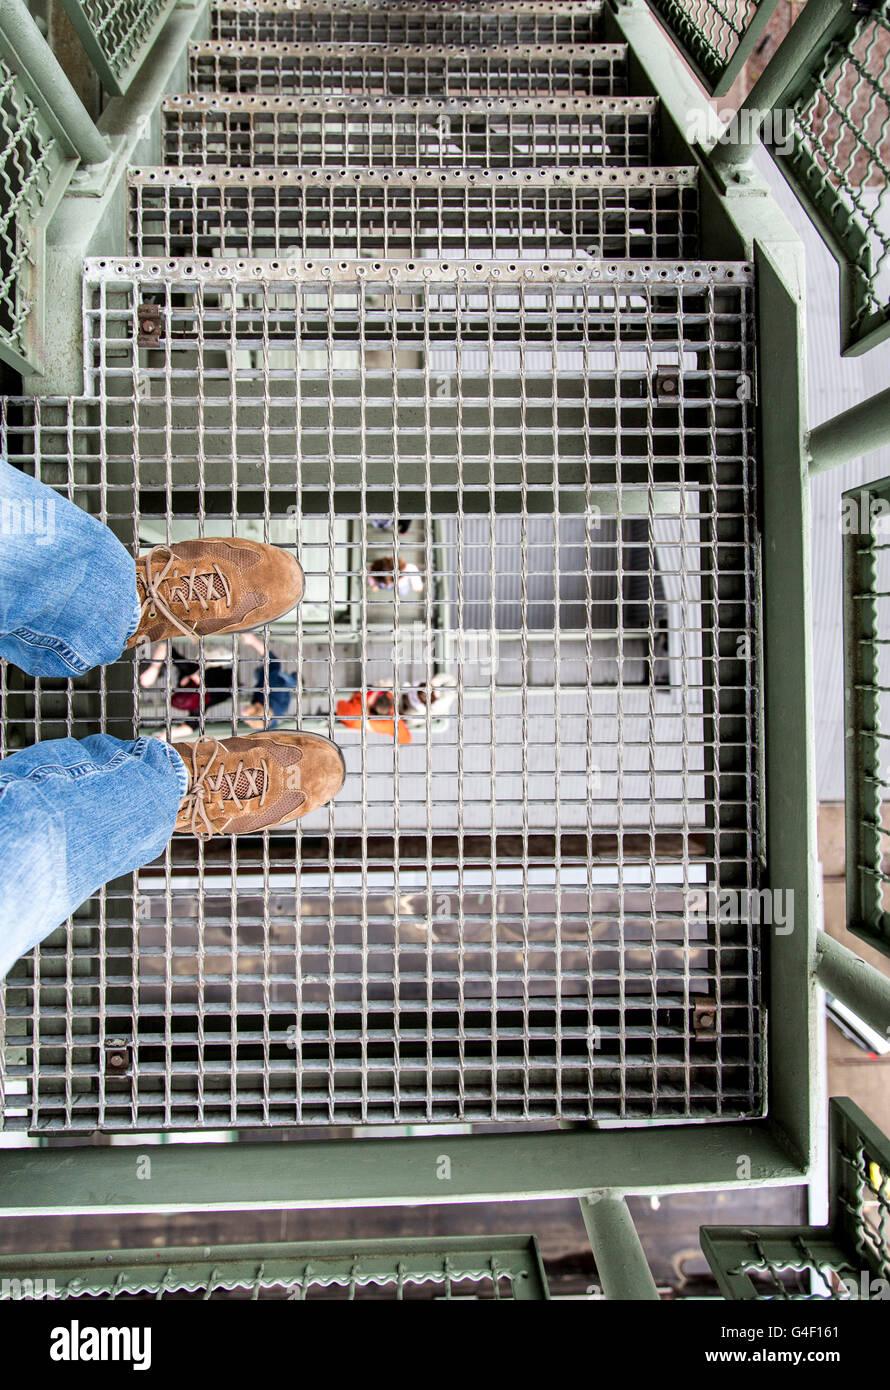 Immagine simbolo circa acrophobia, persona sorge sulla griglia metallica di una scala, guardando in giù nel Immagini Stock